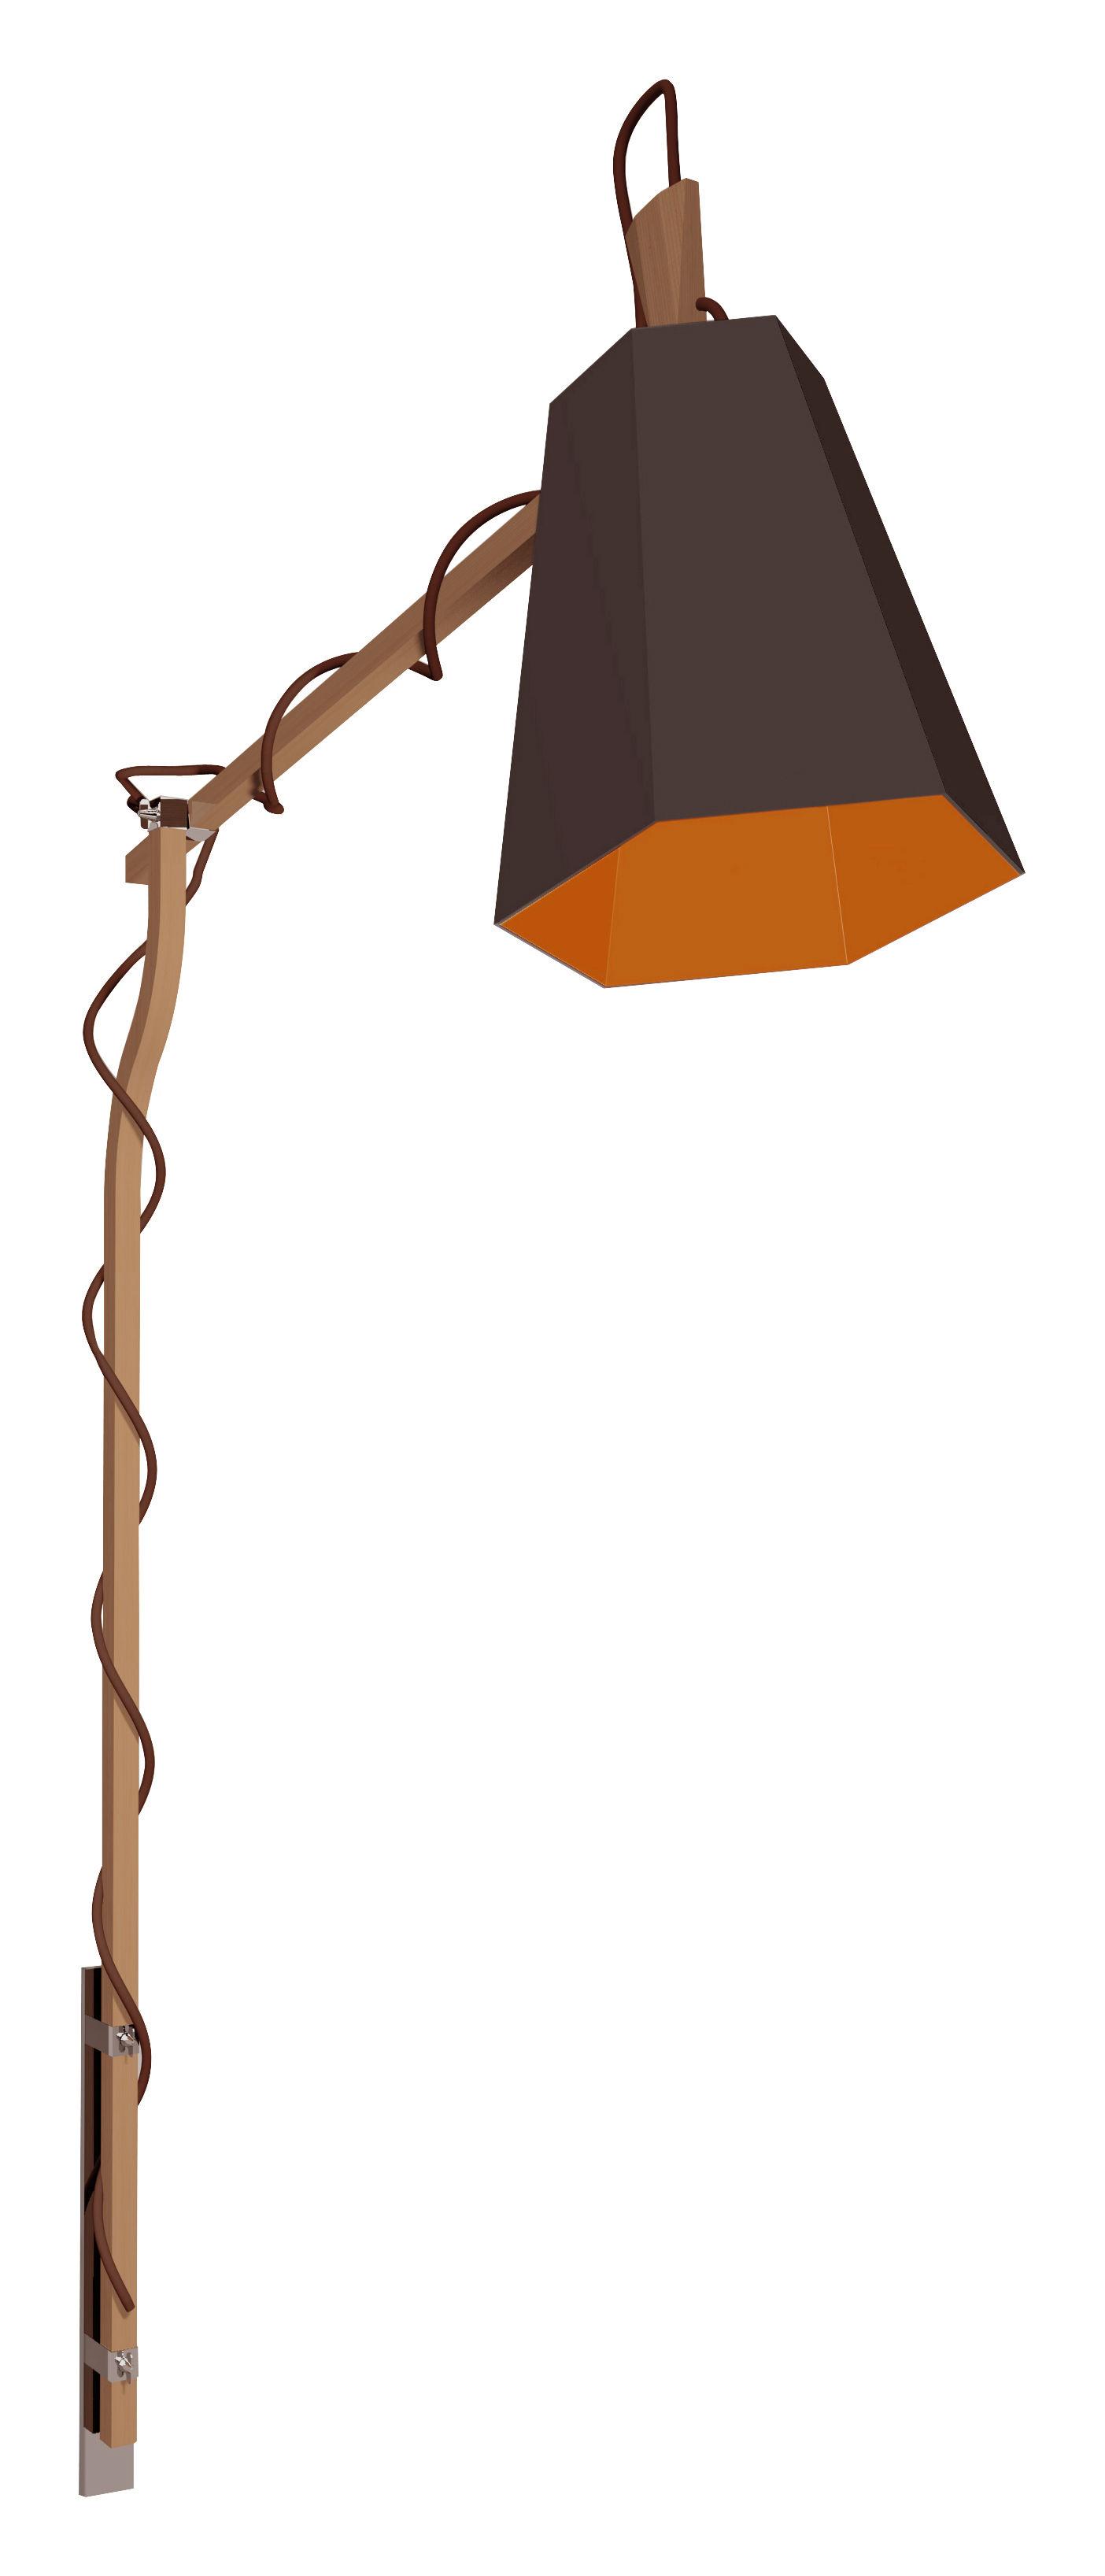 Leuchten - Stehleuchten - LuXiole Wandleuchte mit Stromkabel zum Befestigen an der Wand - H 223 cm - Designheure - Lampenschirm braun / Innenseite orange - Baumwolle, Buchenfurnier, lackierter Stahl